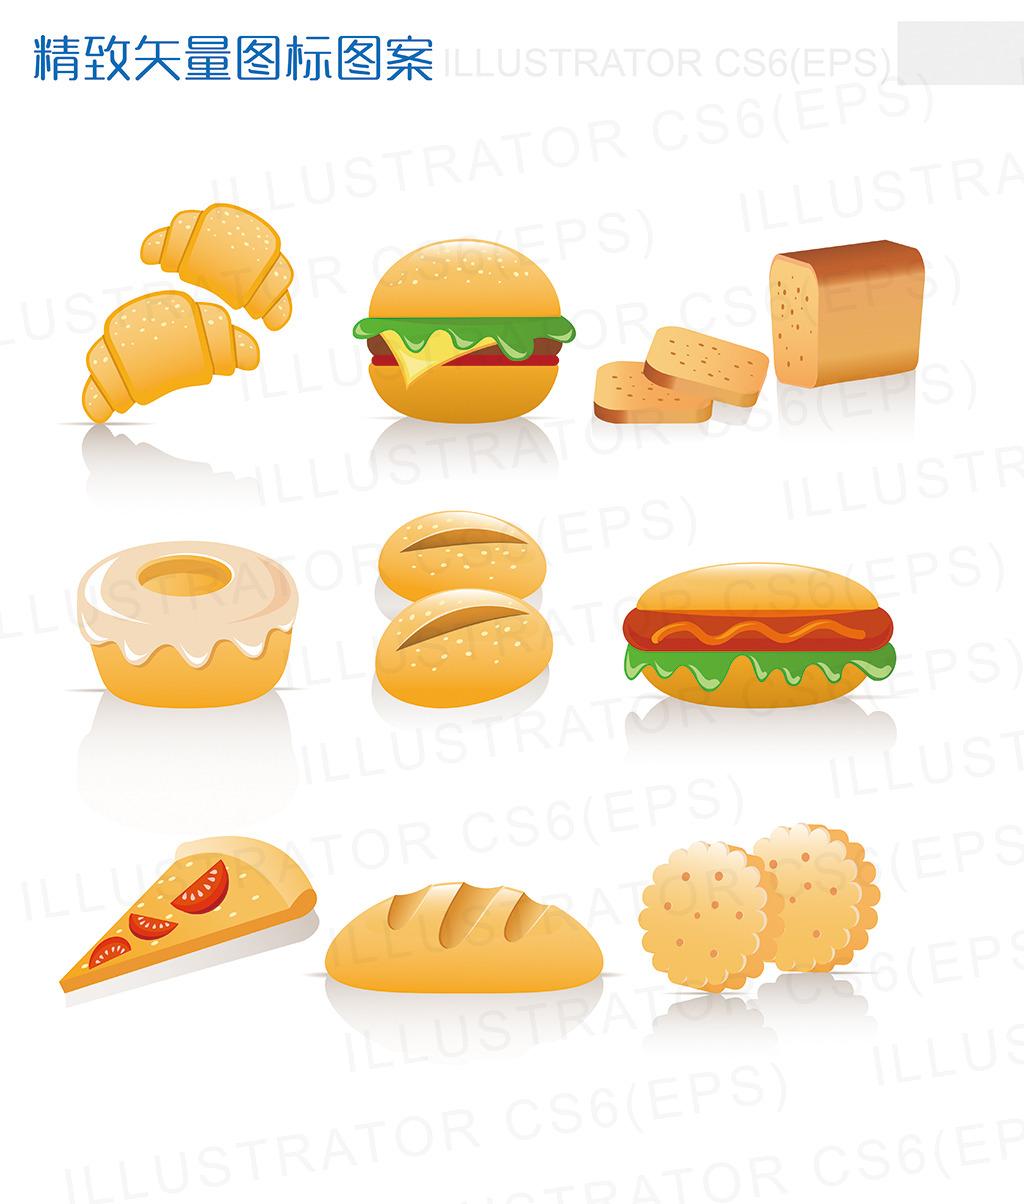 卡通快餐汉堡面包料理图标设计